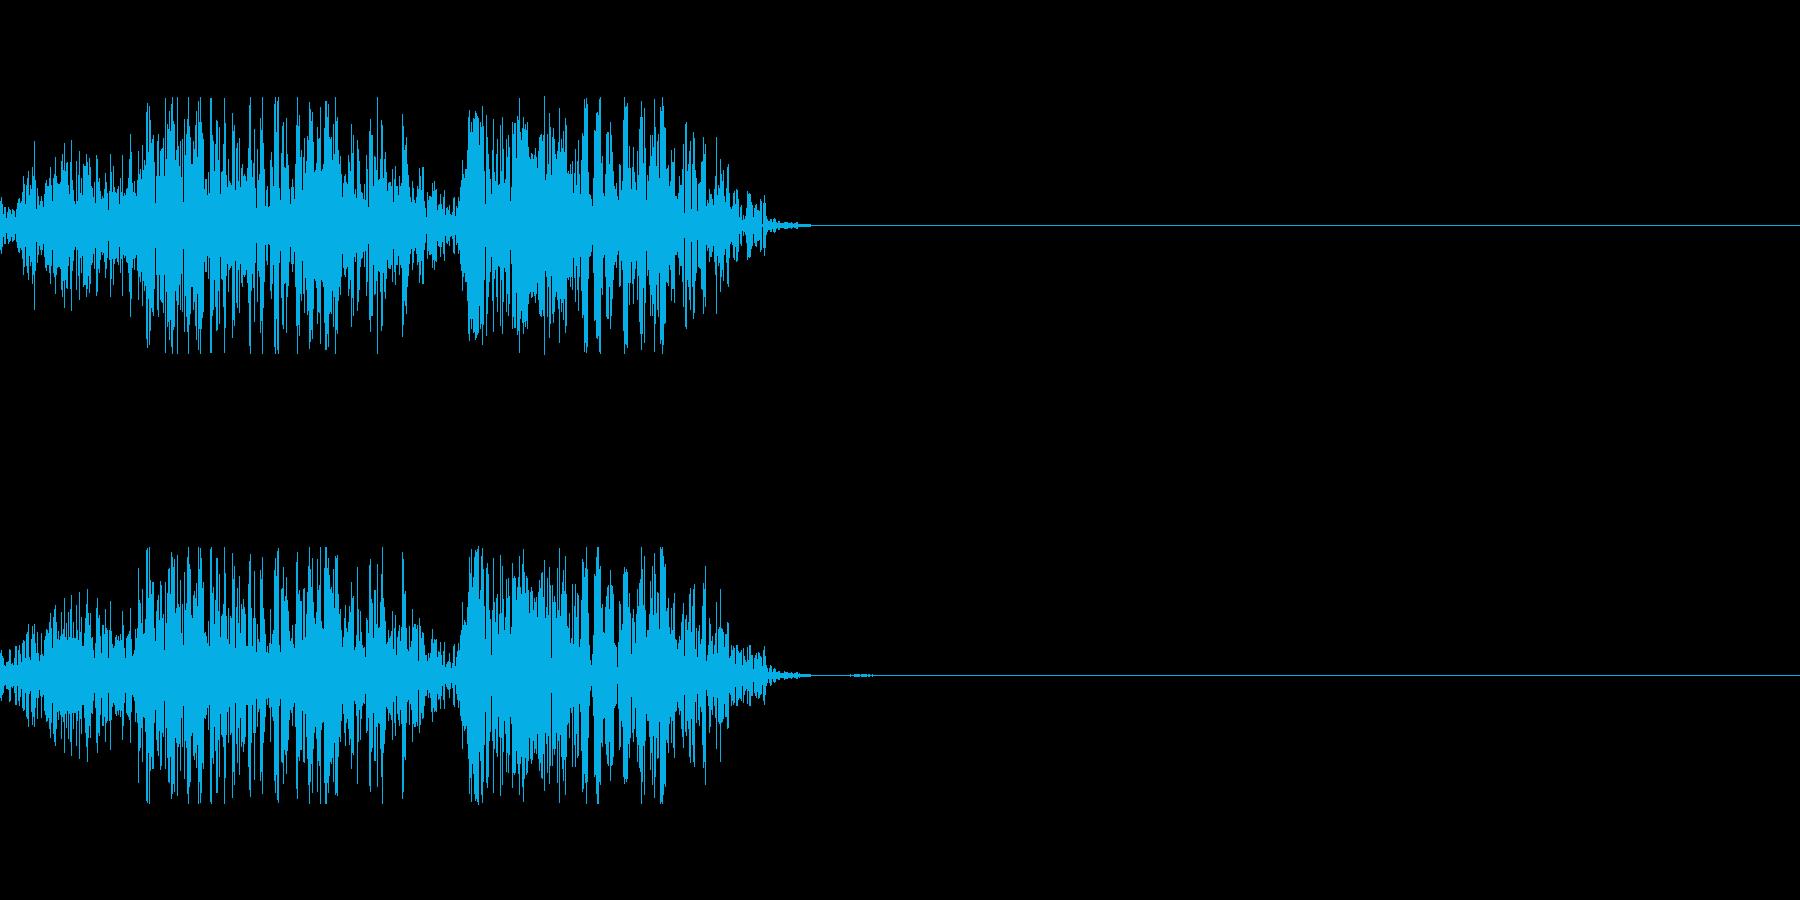 エイリアンの発声などにの再生済みの波形